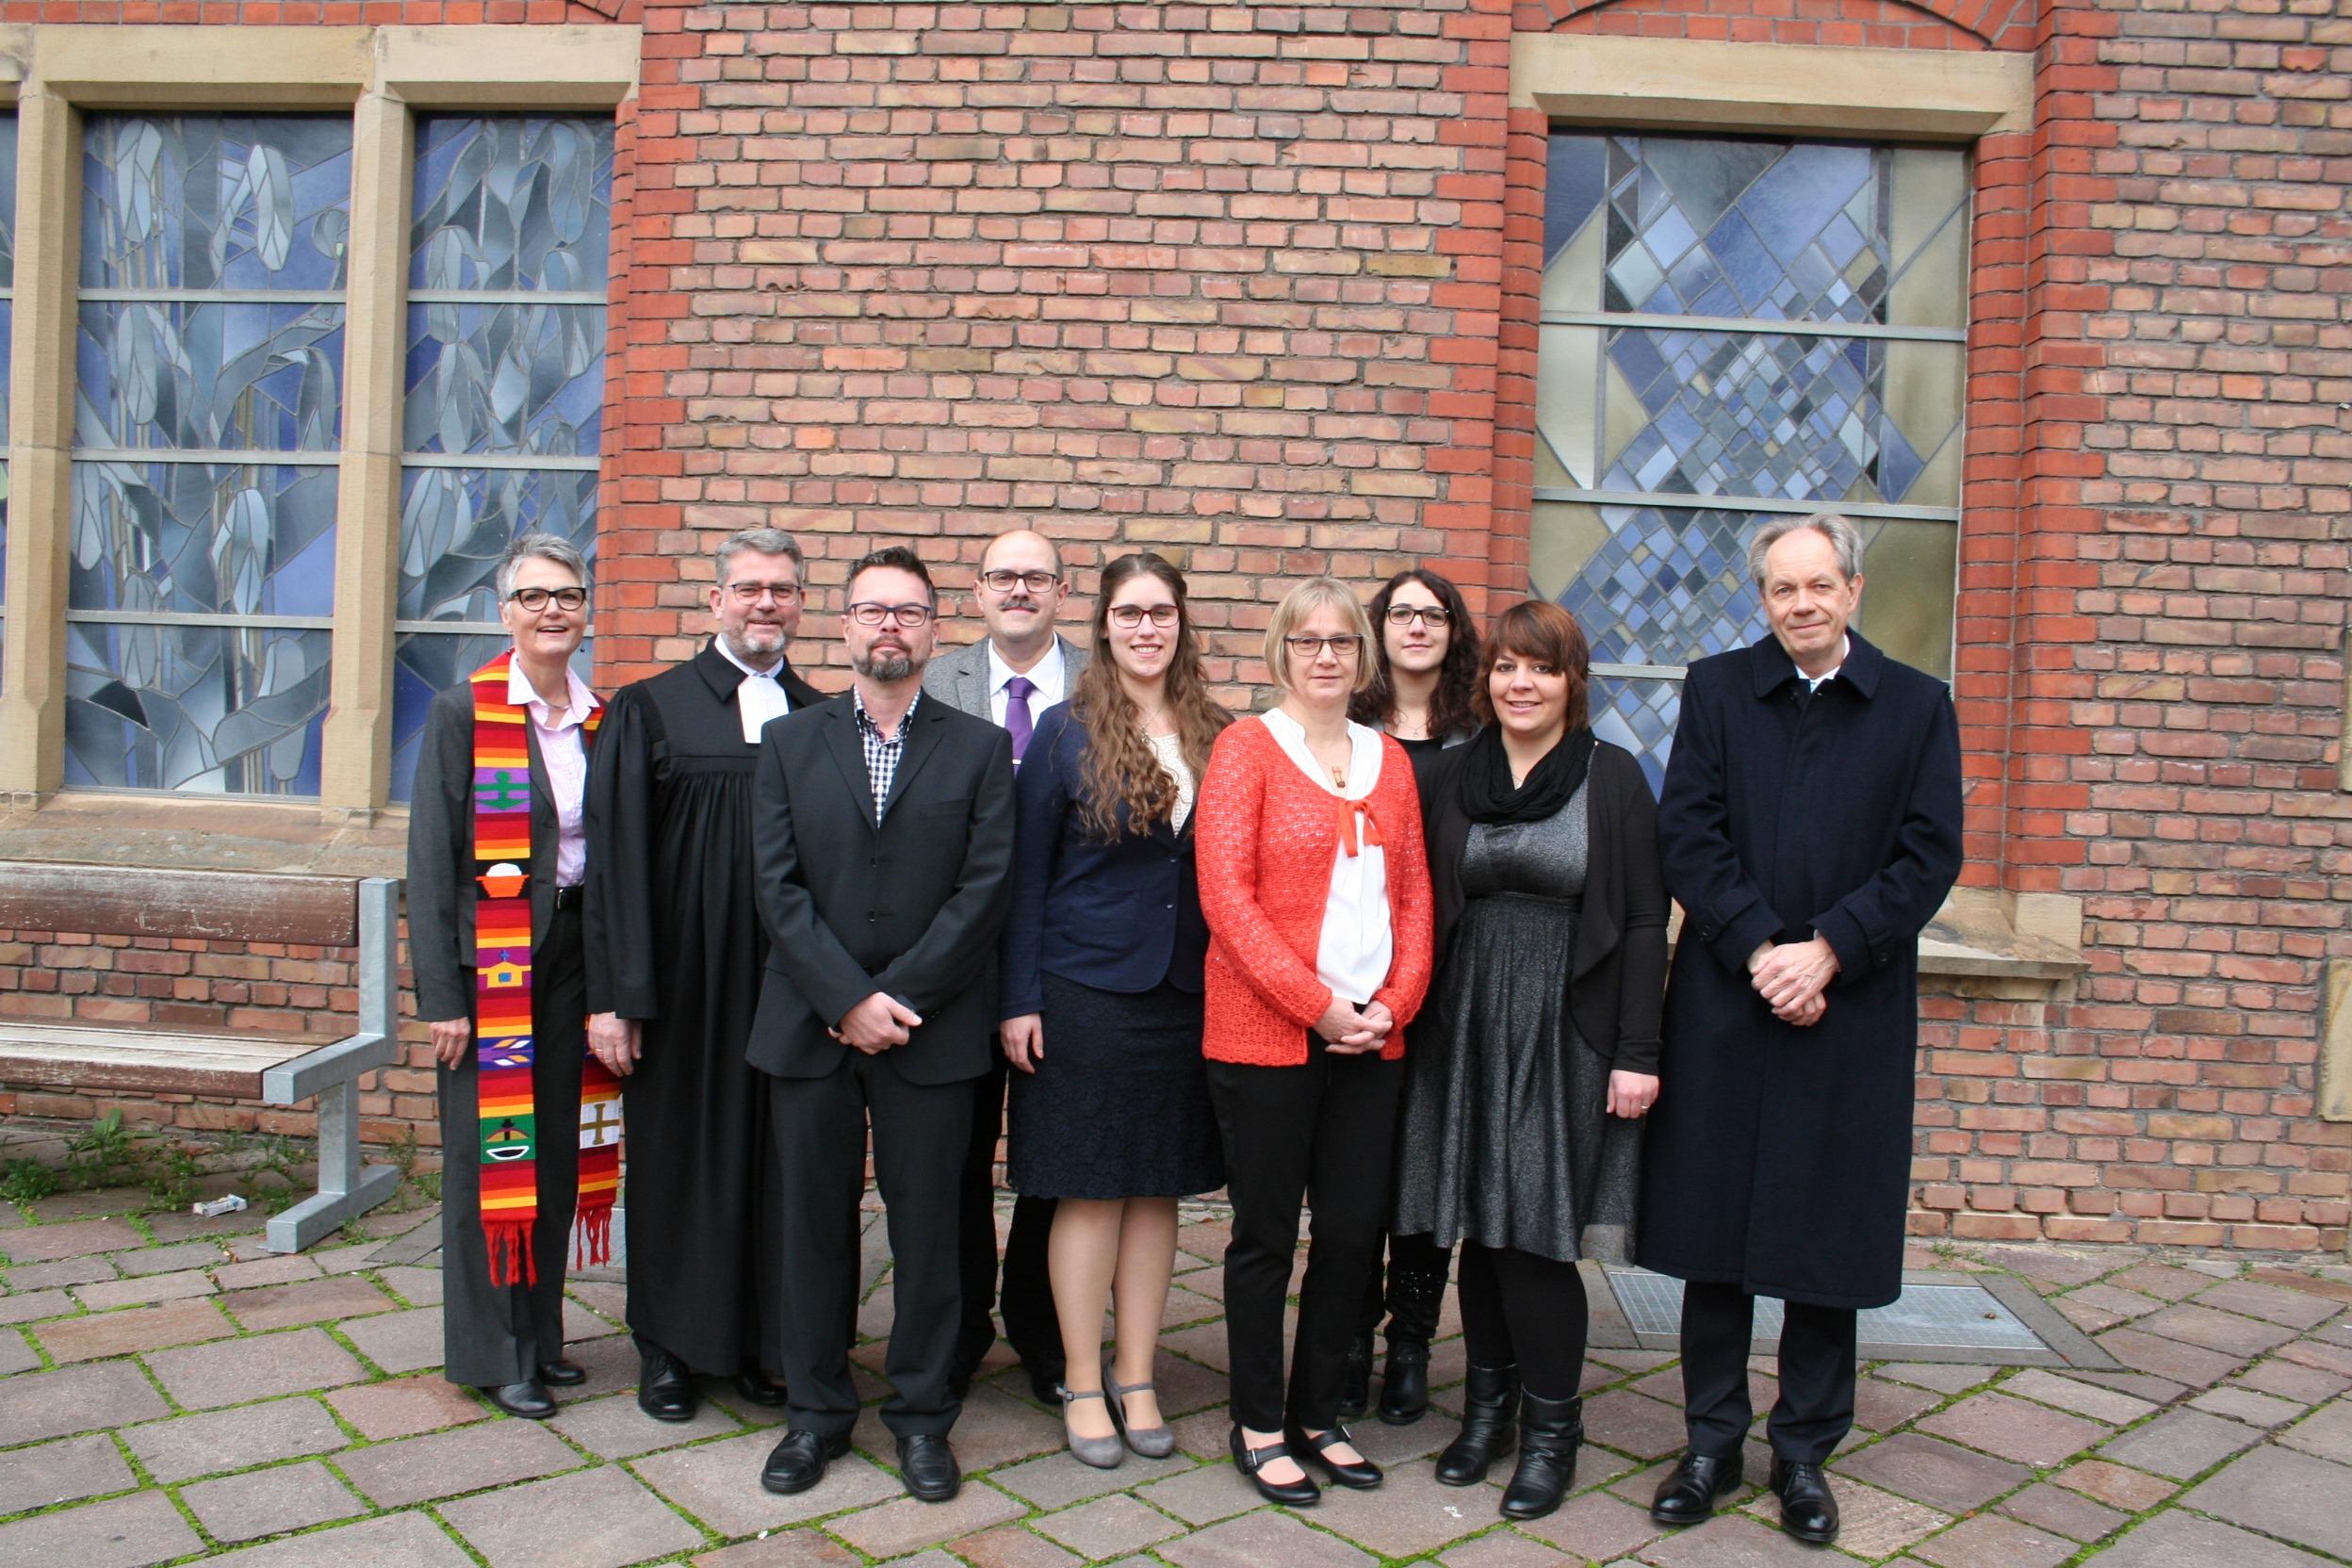 Diakonenausbildung Und Diakonische Gemeinschaft Paulinum Feiern Einsegnung